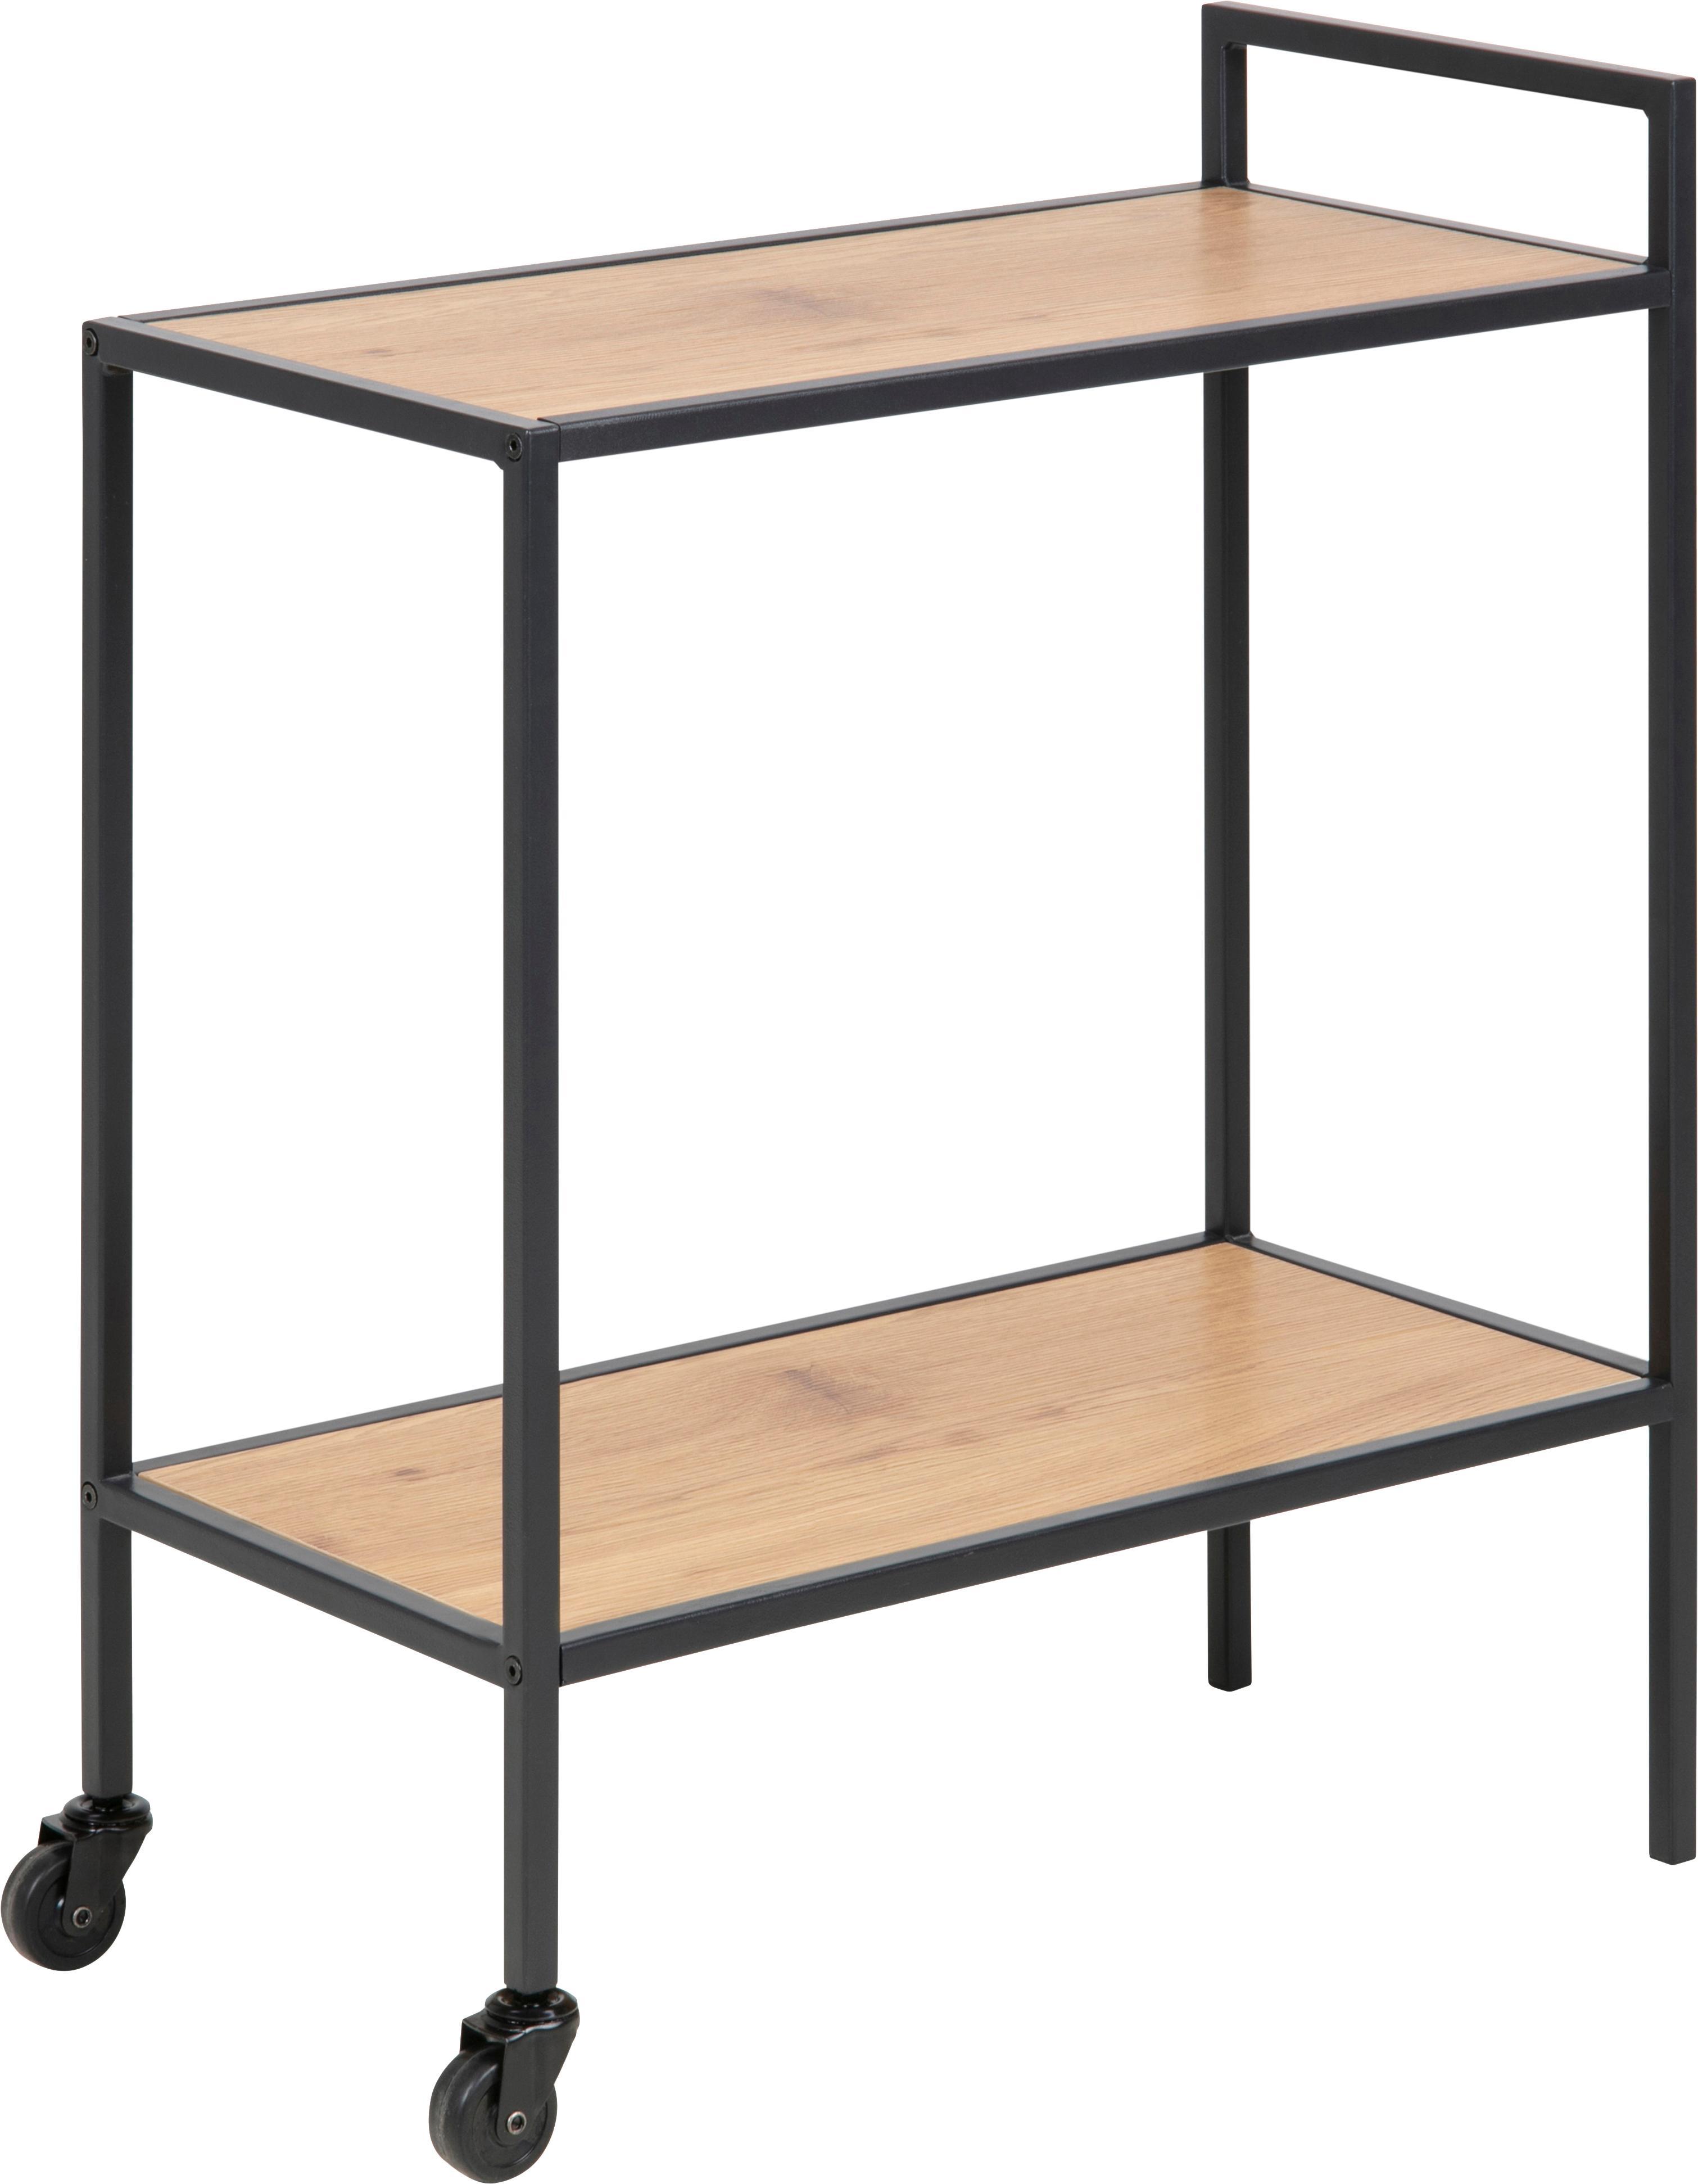 Camarera Seaford, Estantes: tablero de fibras de dens, Estructura: metal con pintura en polv, Roble, negro, An 60 x Al 75 cm